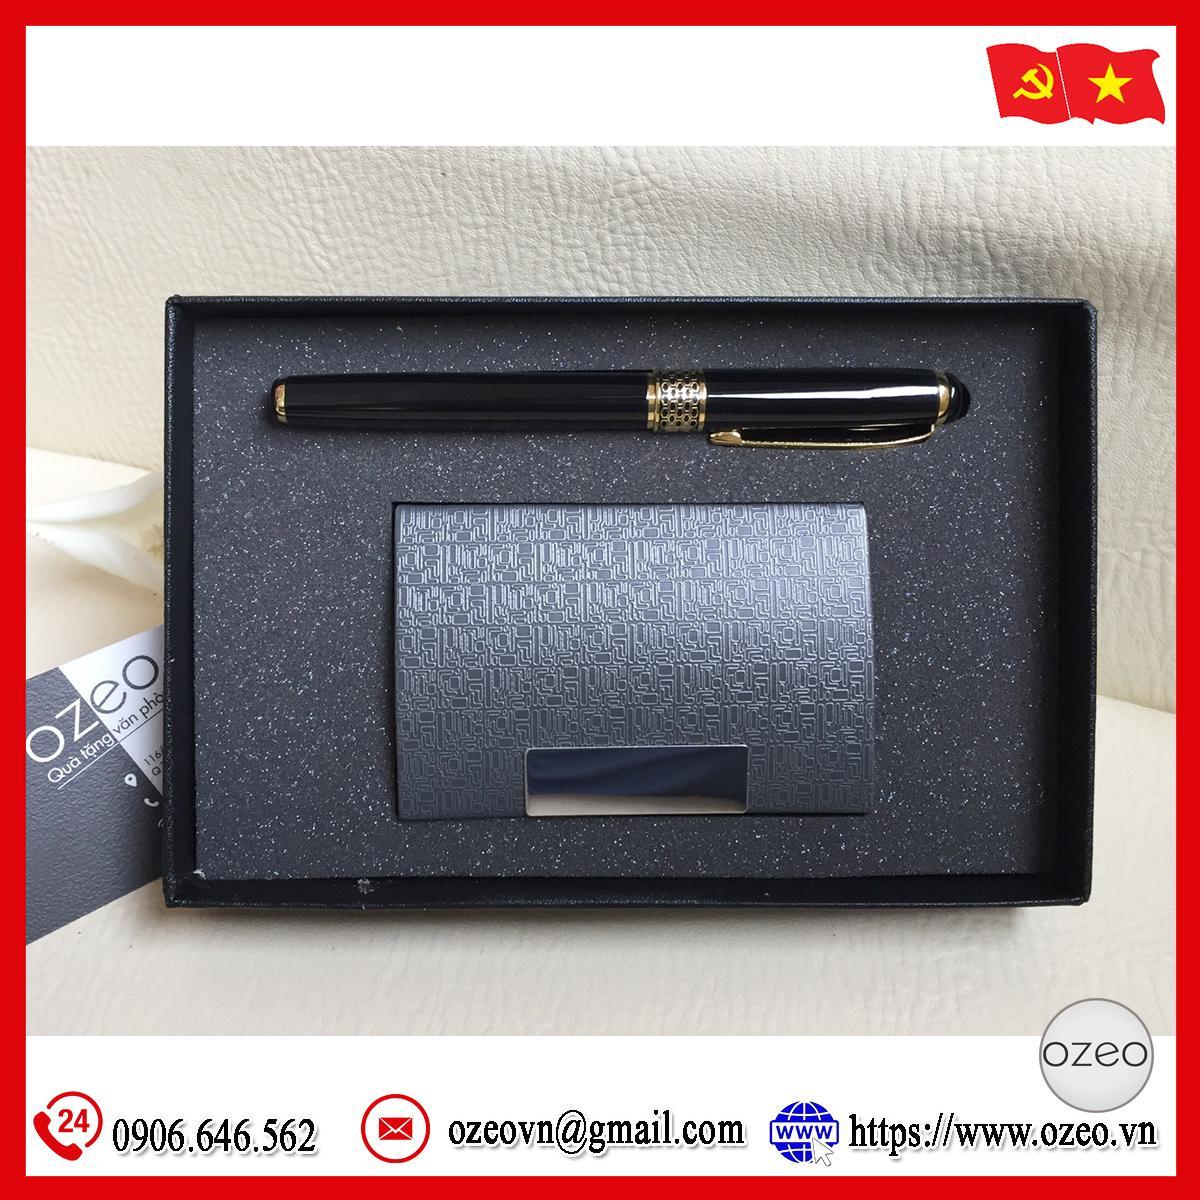 Bộ giftset bút kim loại BK061 và hộp đựng name card NC010